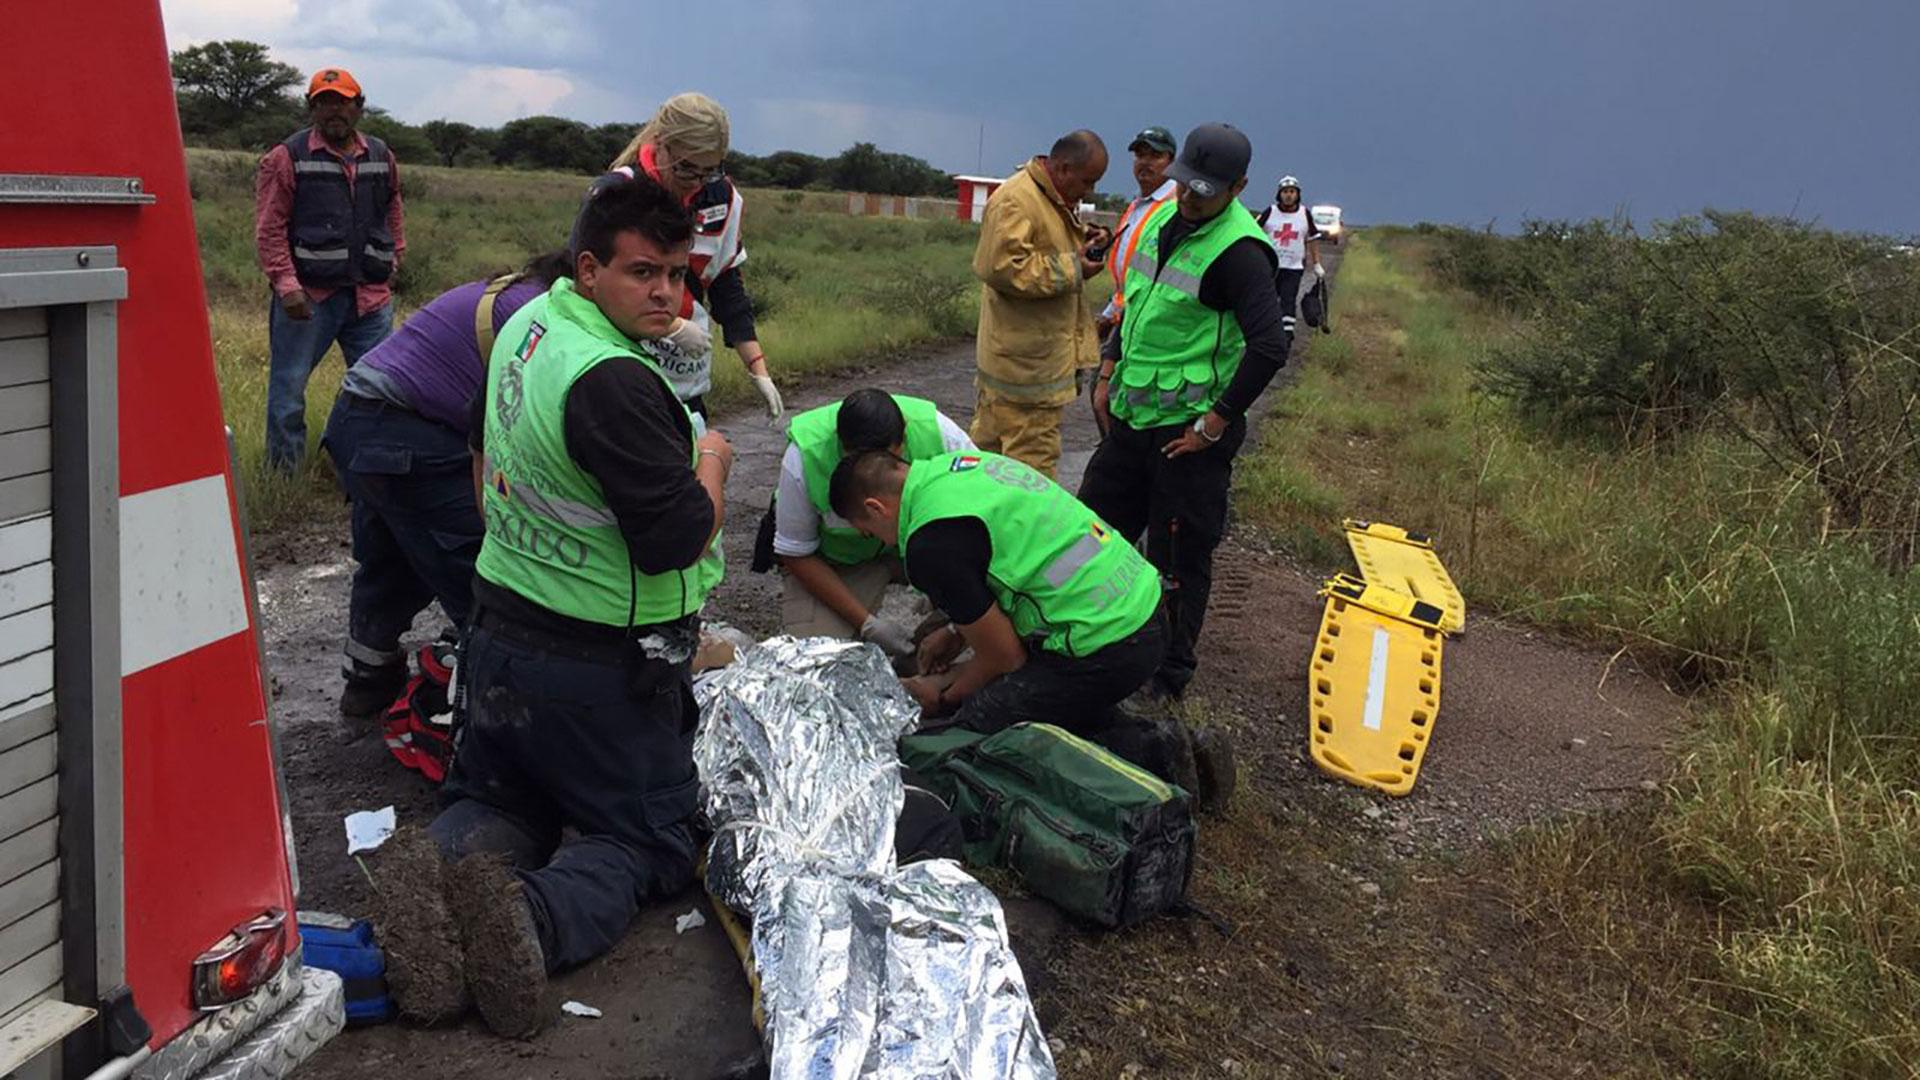 Rescatistas se presentaron al lugar para ayudar a los lesionados (Foto: EFE)